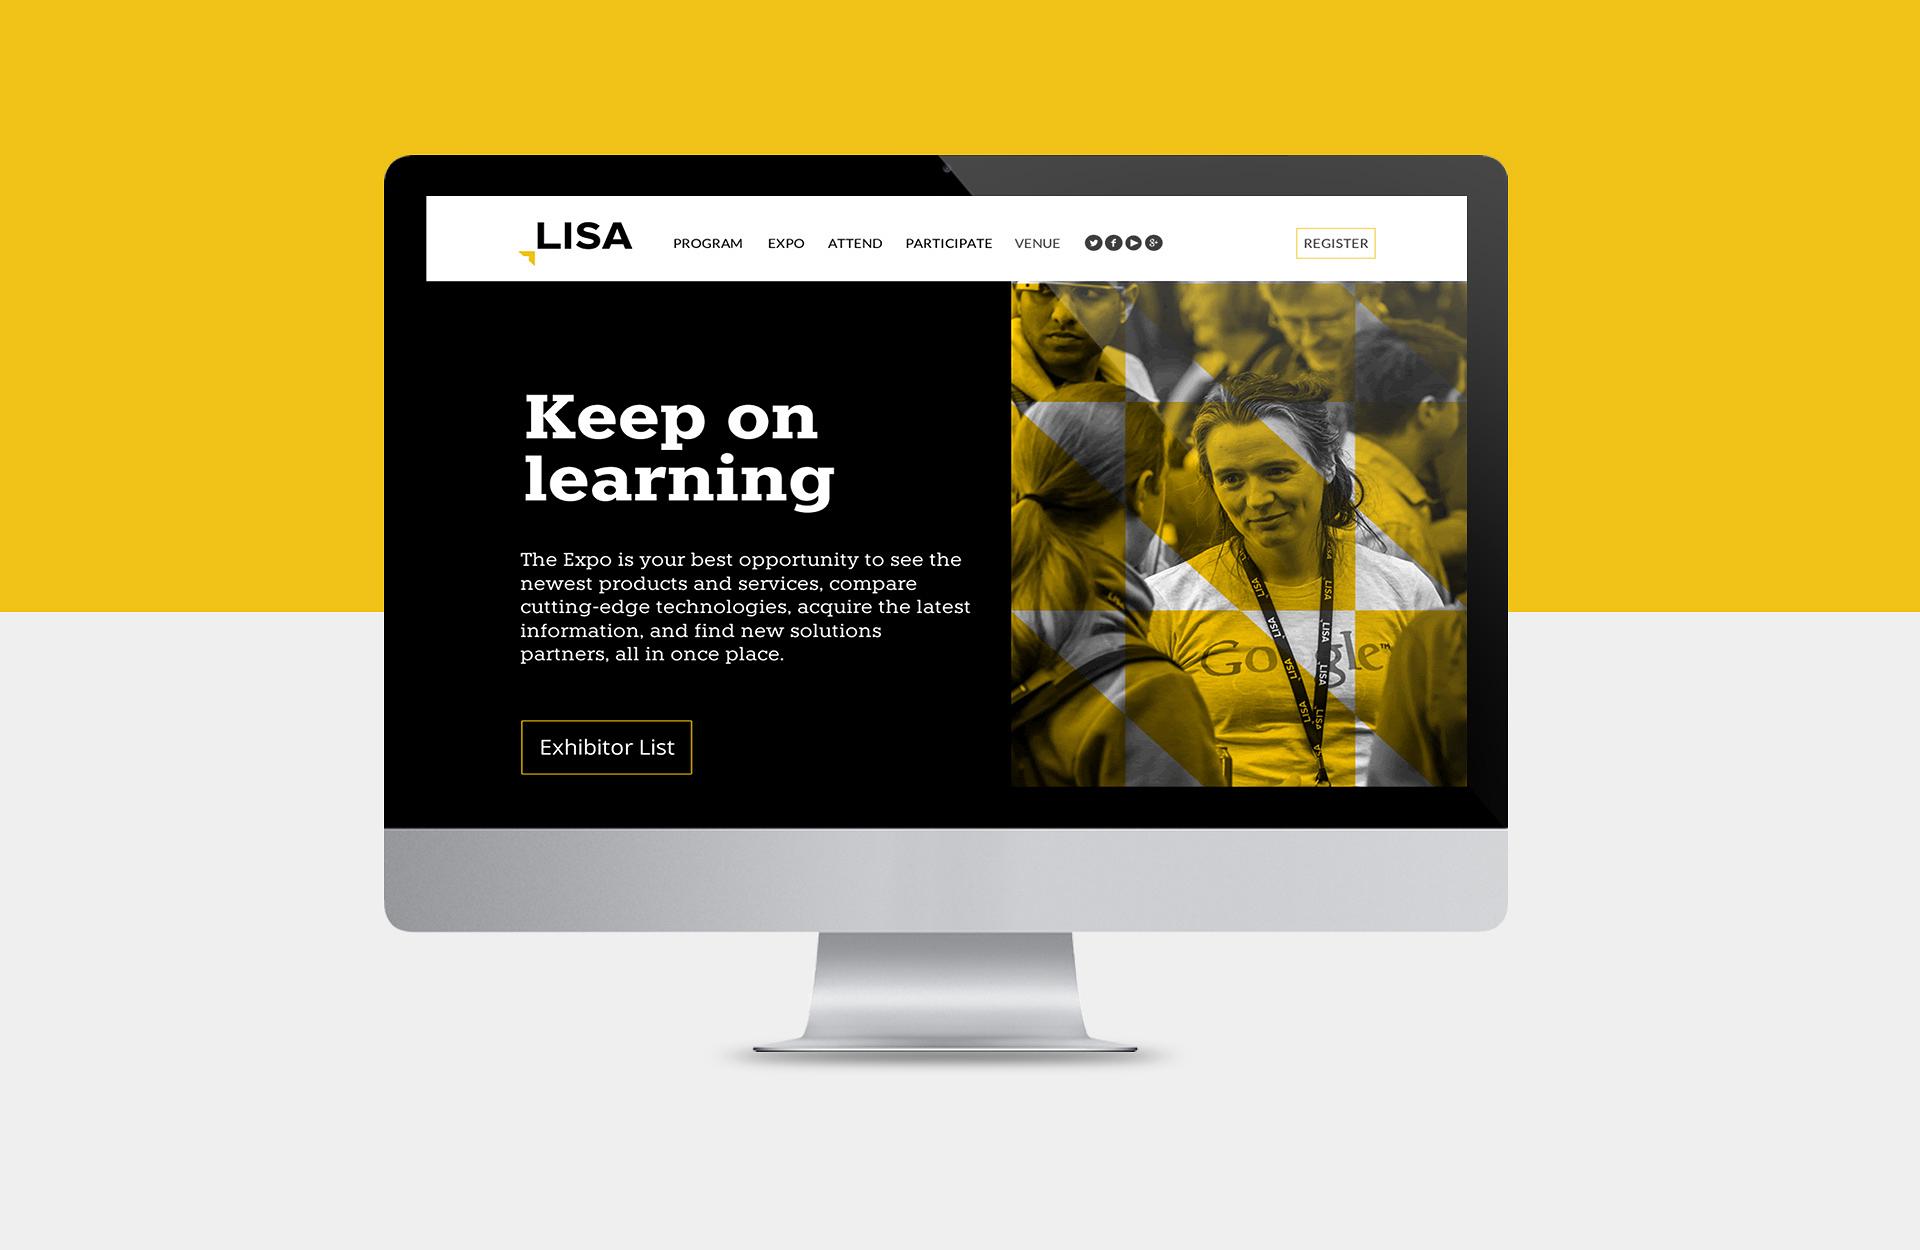 LISA16_set_3-1